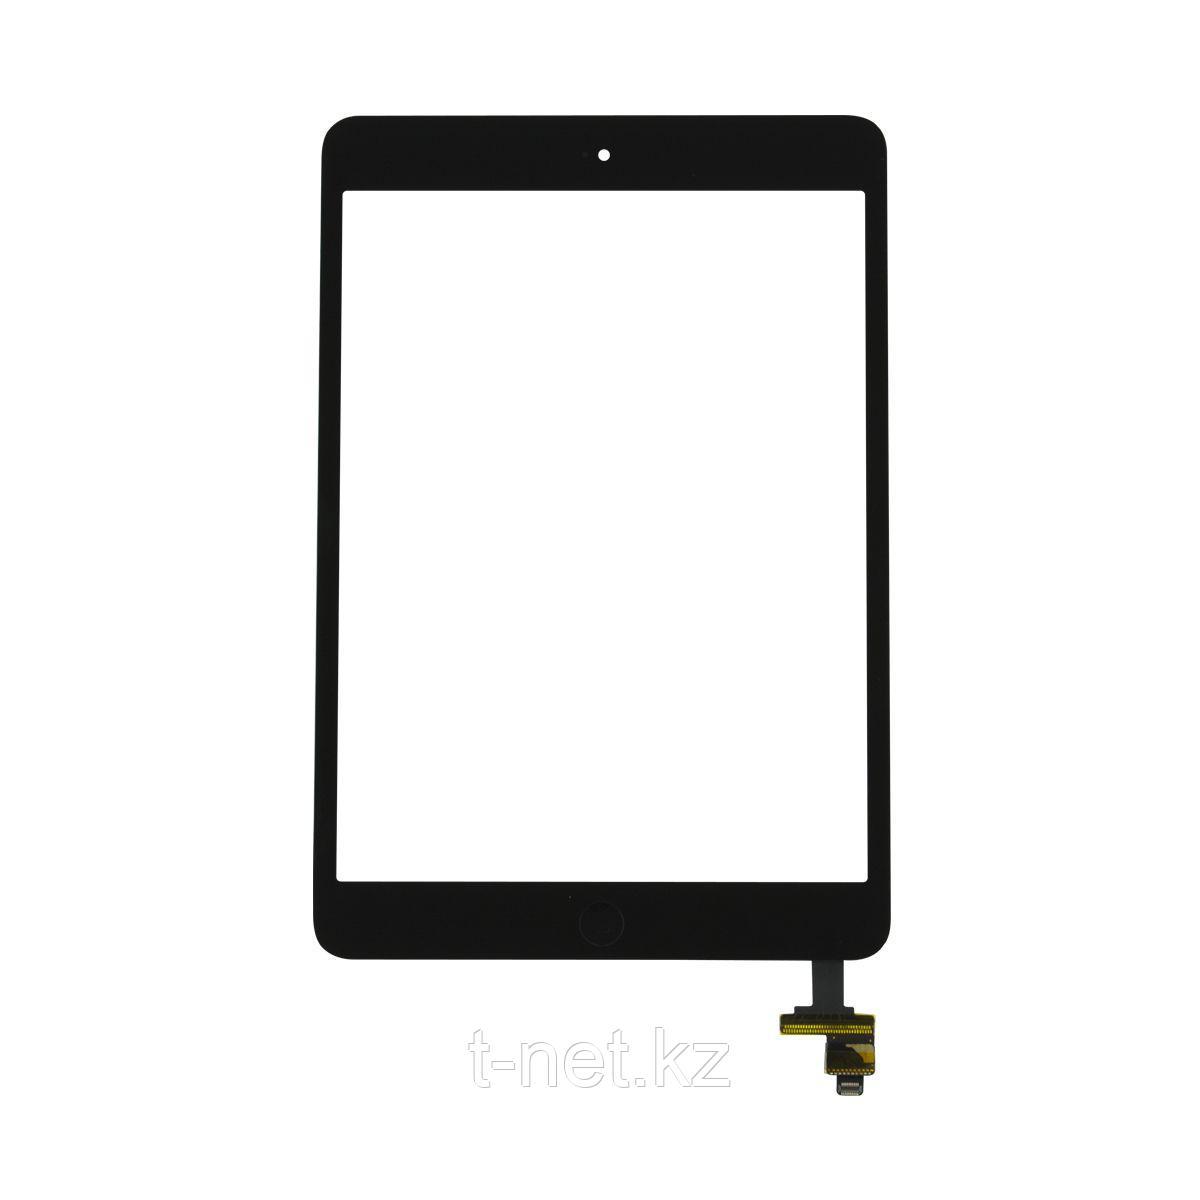 Сенсор Apple iPad Mini/ Mini2, с кнопкой HOME, с коннектором и IC, цвет черный